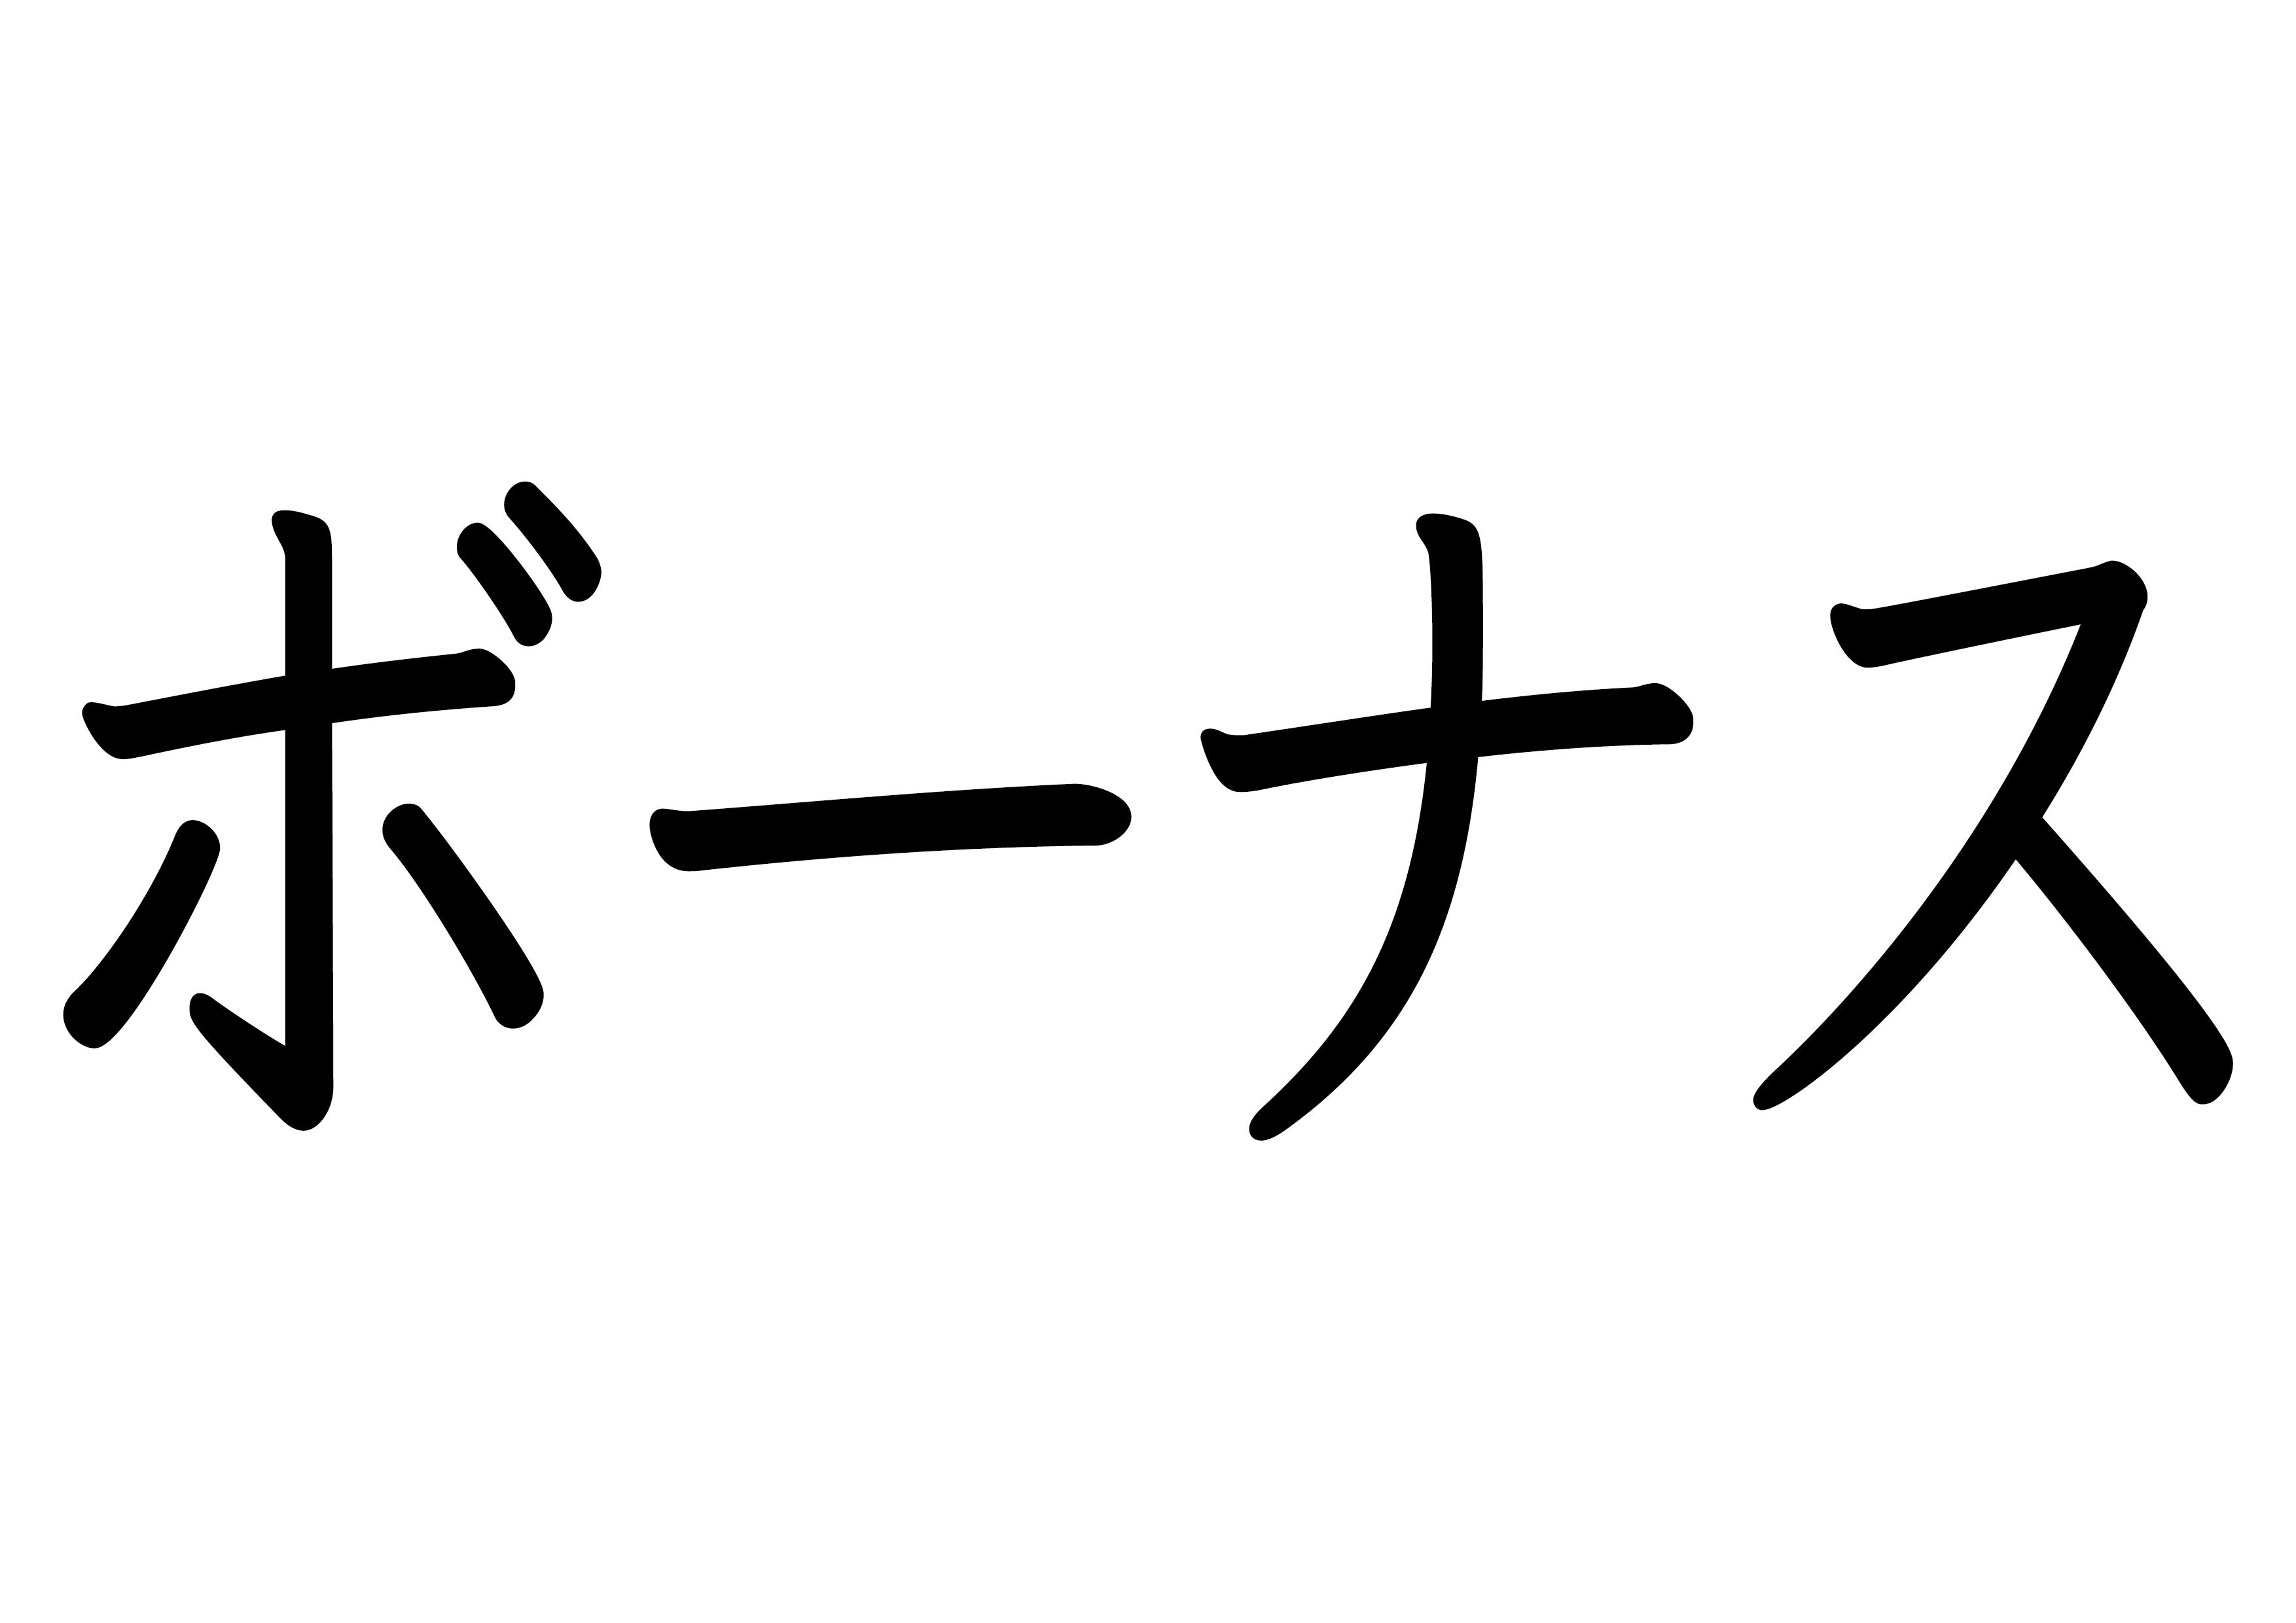 28課文字カード【ボーナス】